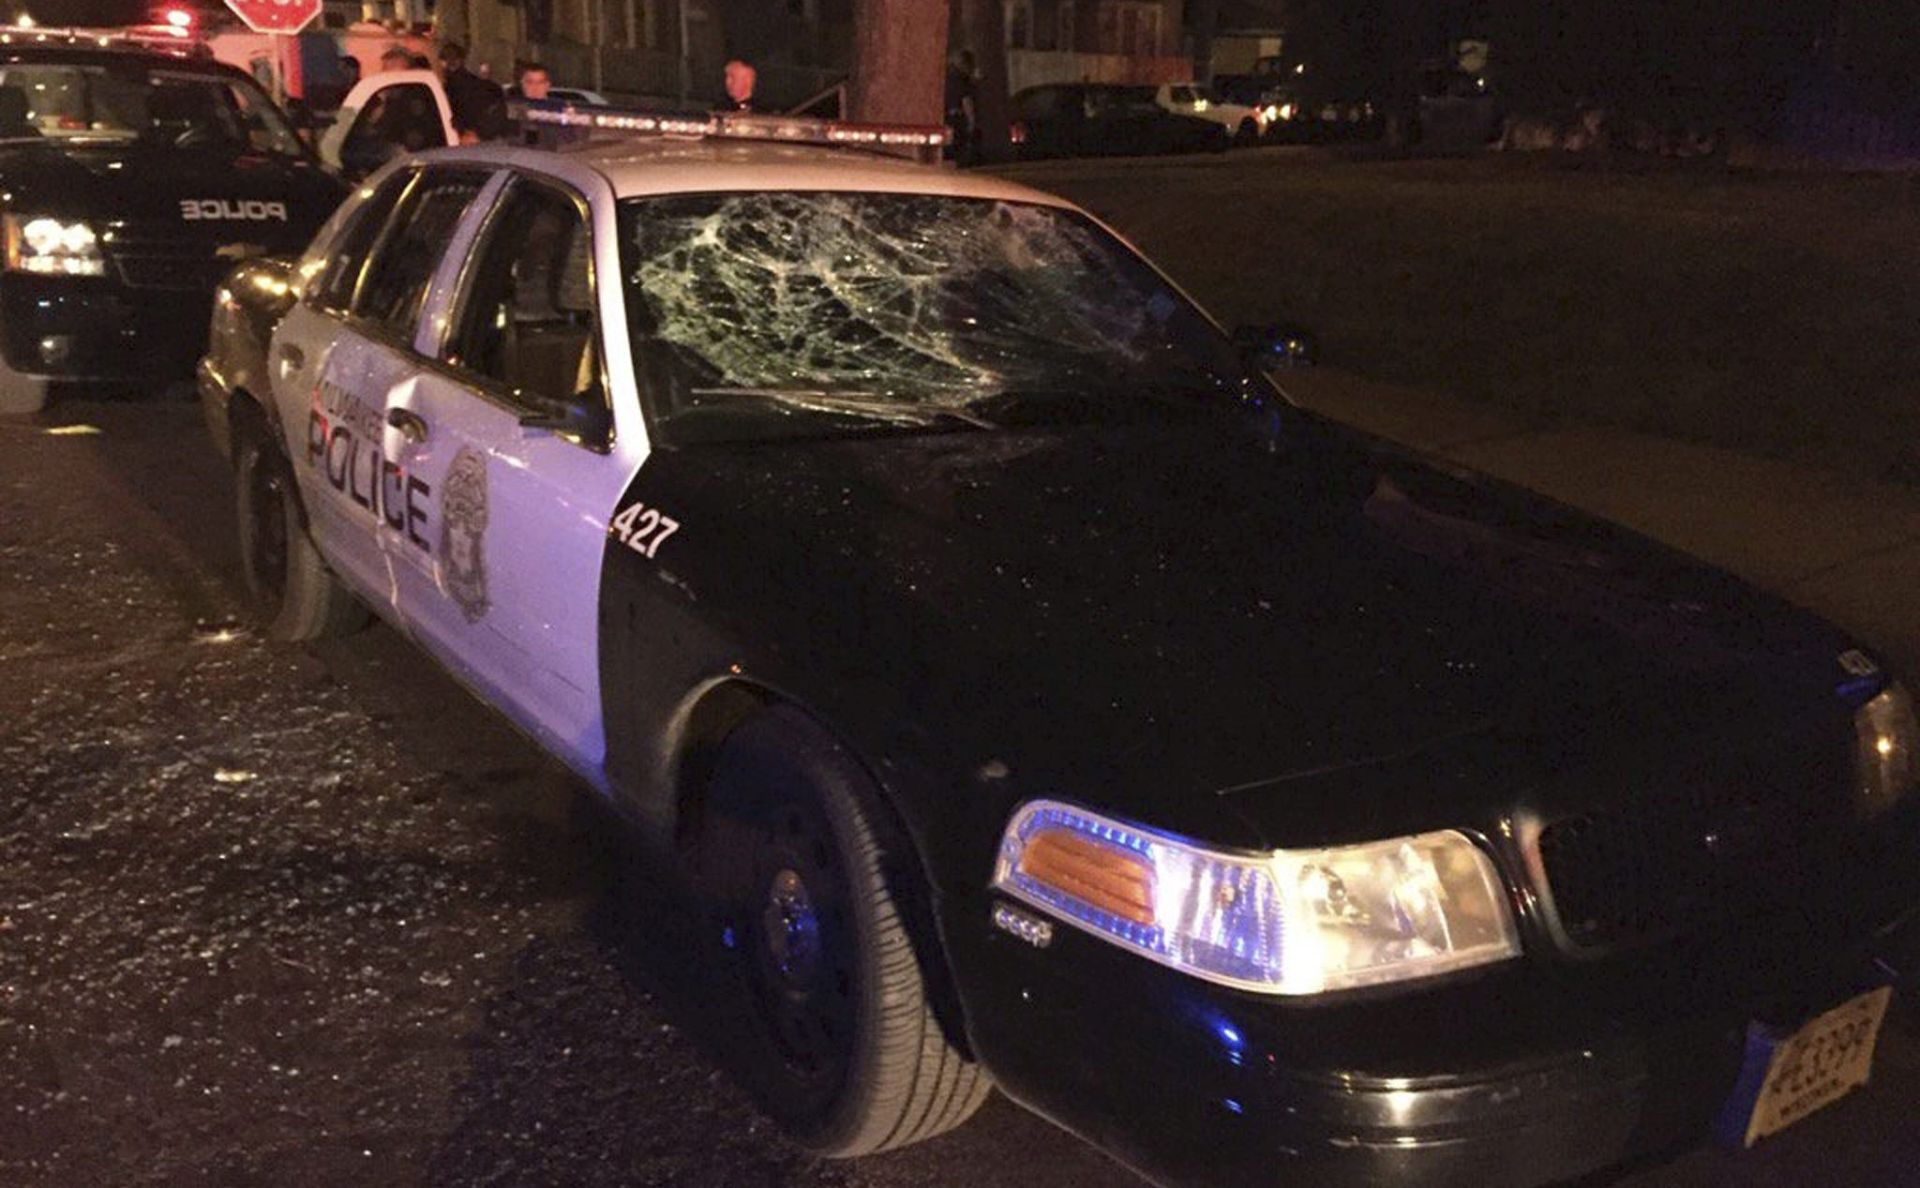 VIDEO: NASTAVLJAJU SE PROSVJEDI U MILWAUKEEJU Jedna osoba ranjena, policajac ozlijeđen